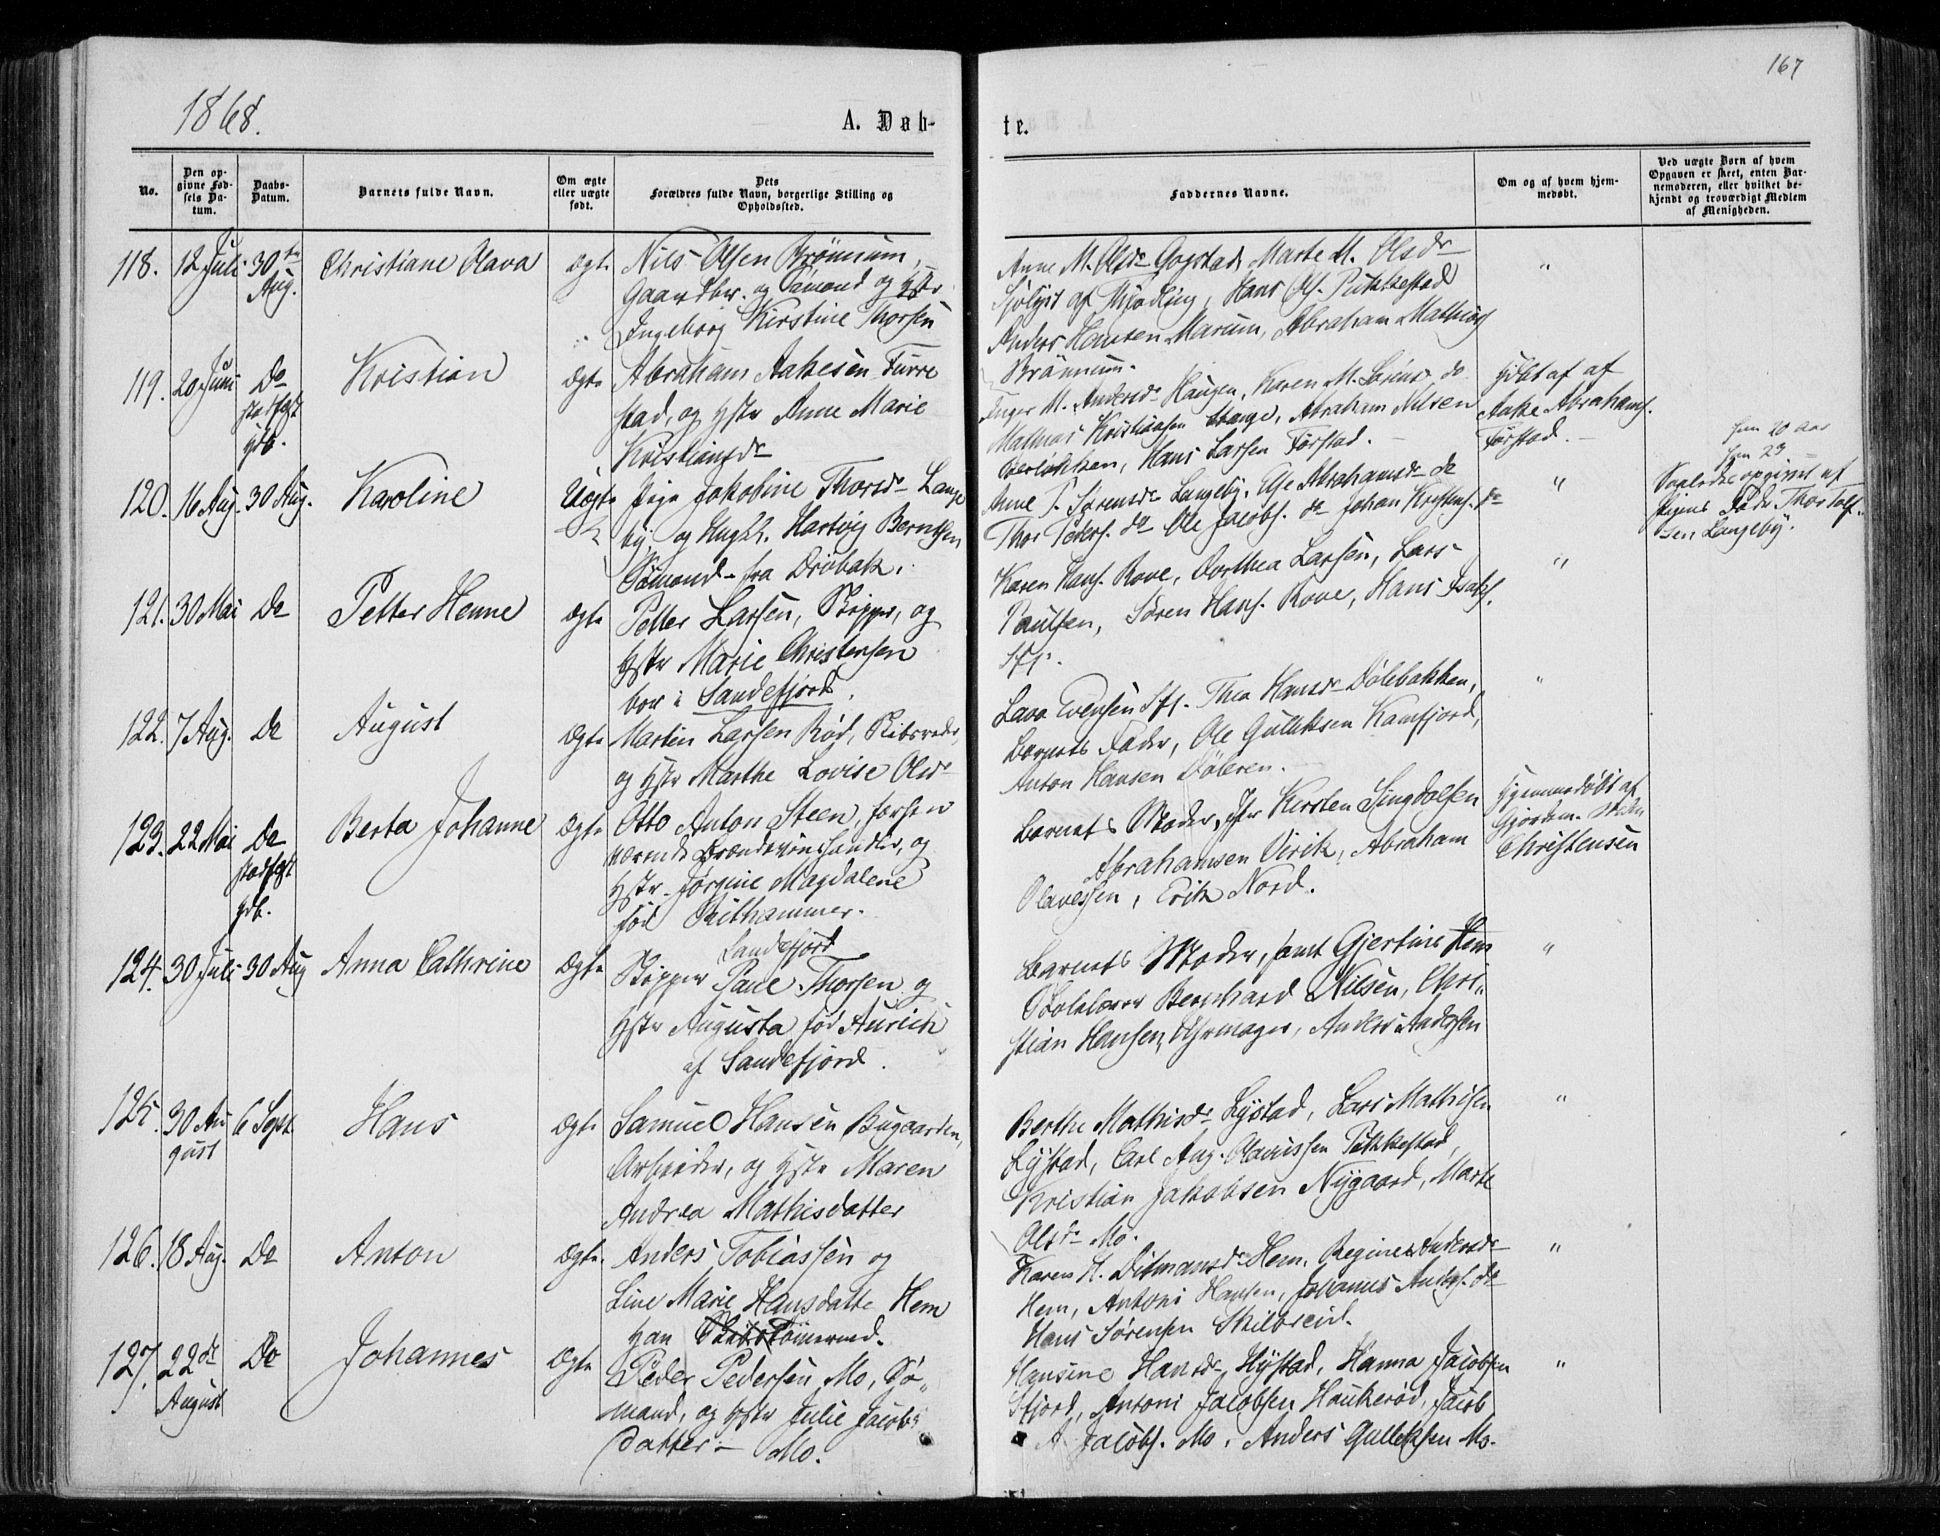 SAKO, Sandar kirkebøker, F/Fa/L0008: Ministerialbok nr. 8, 1862-1871, s. 167